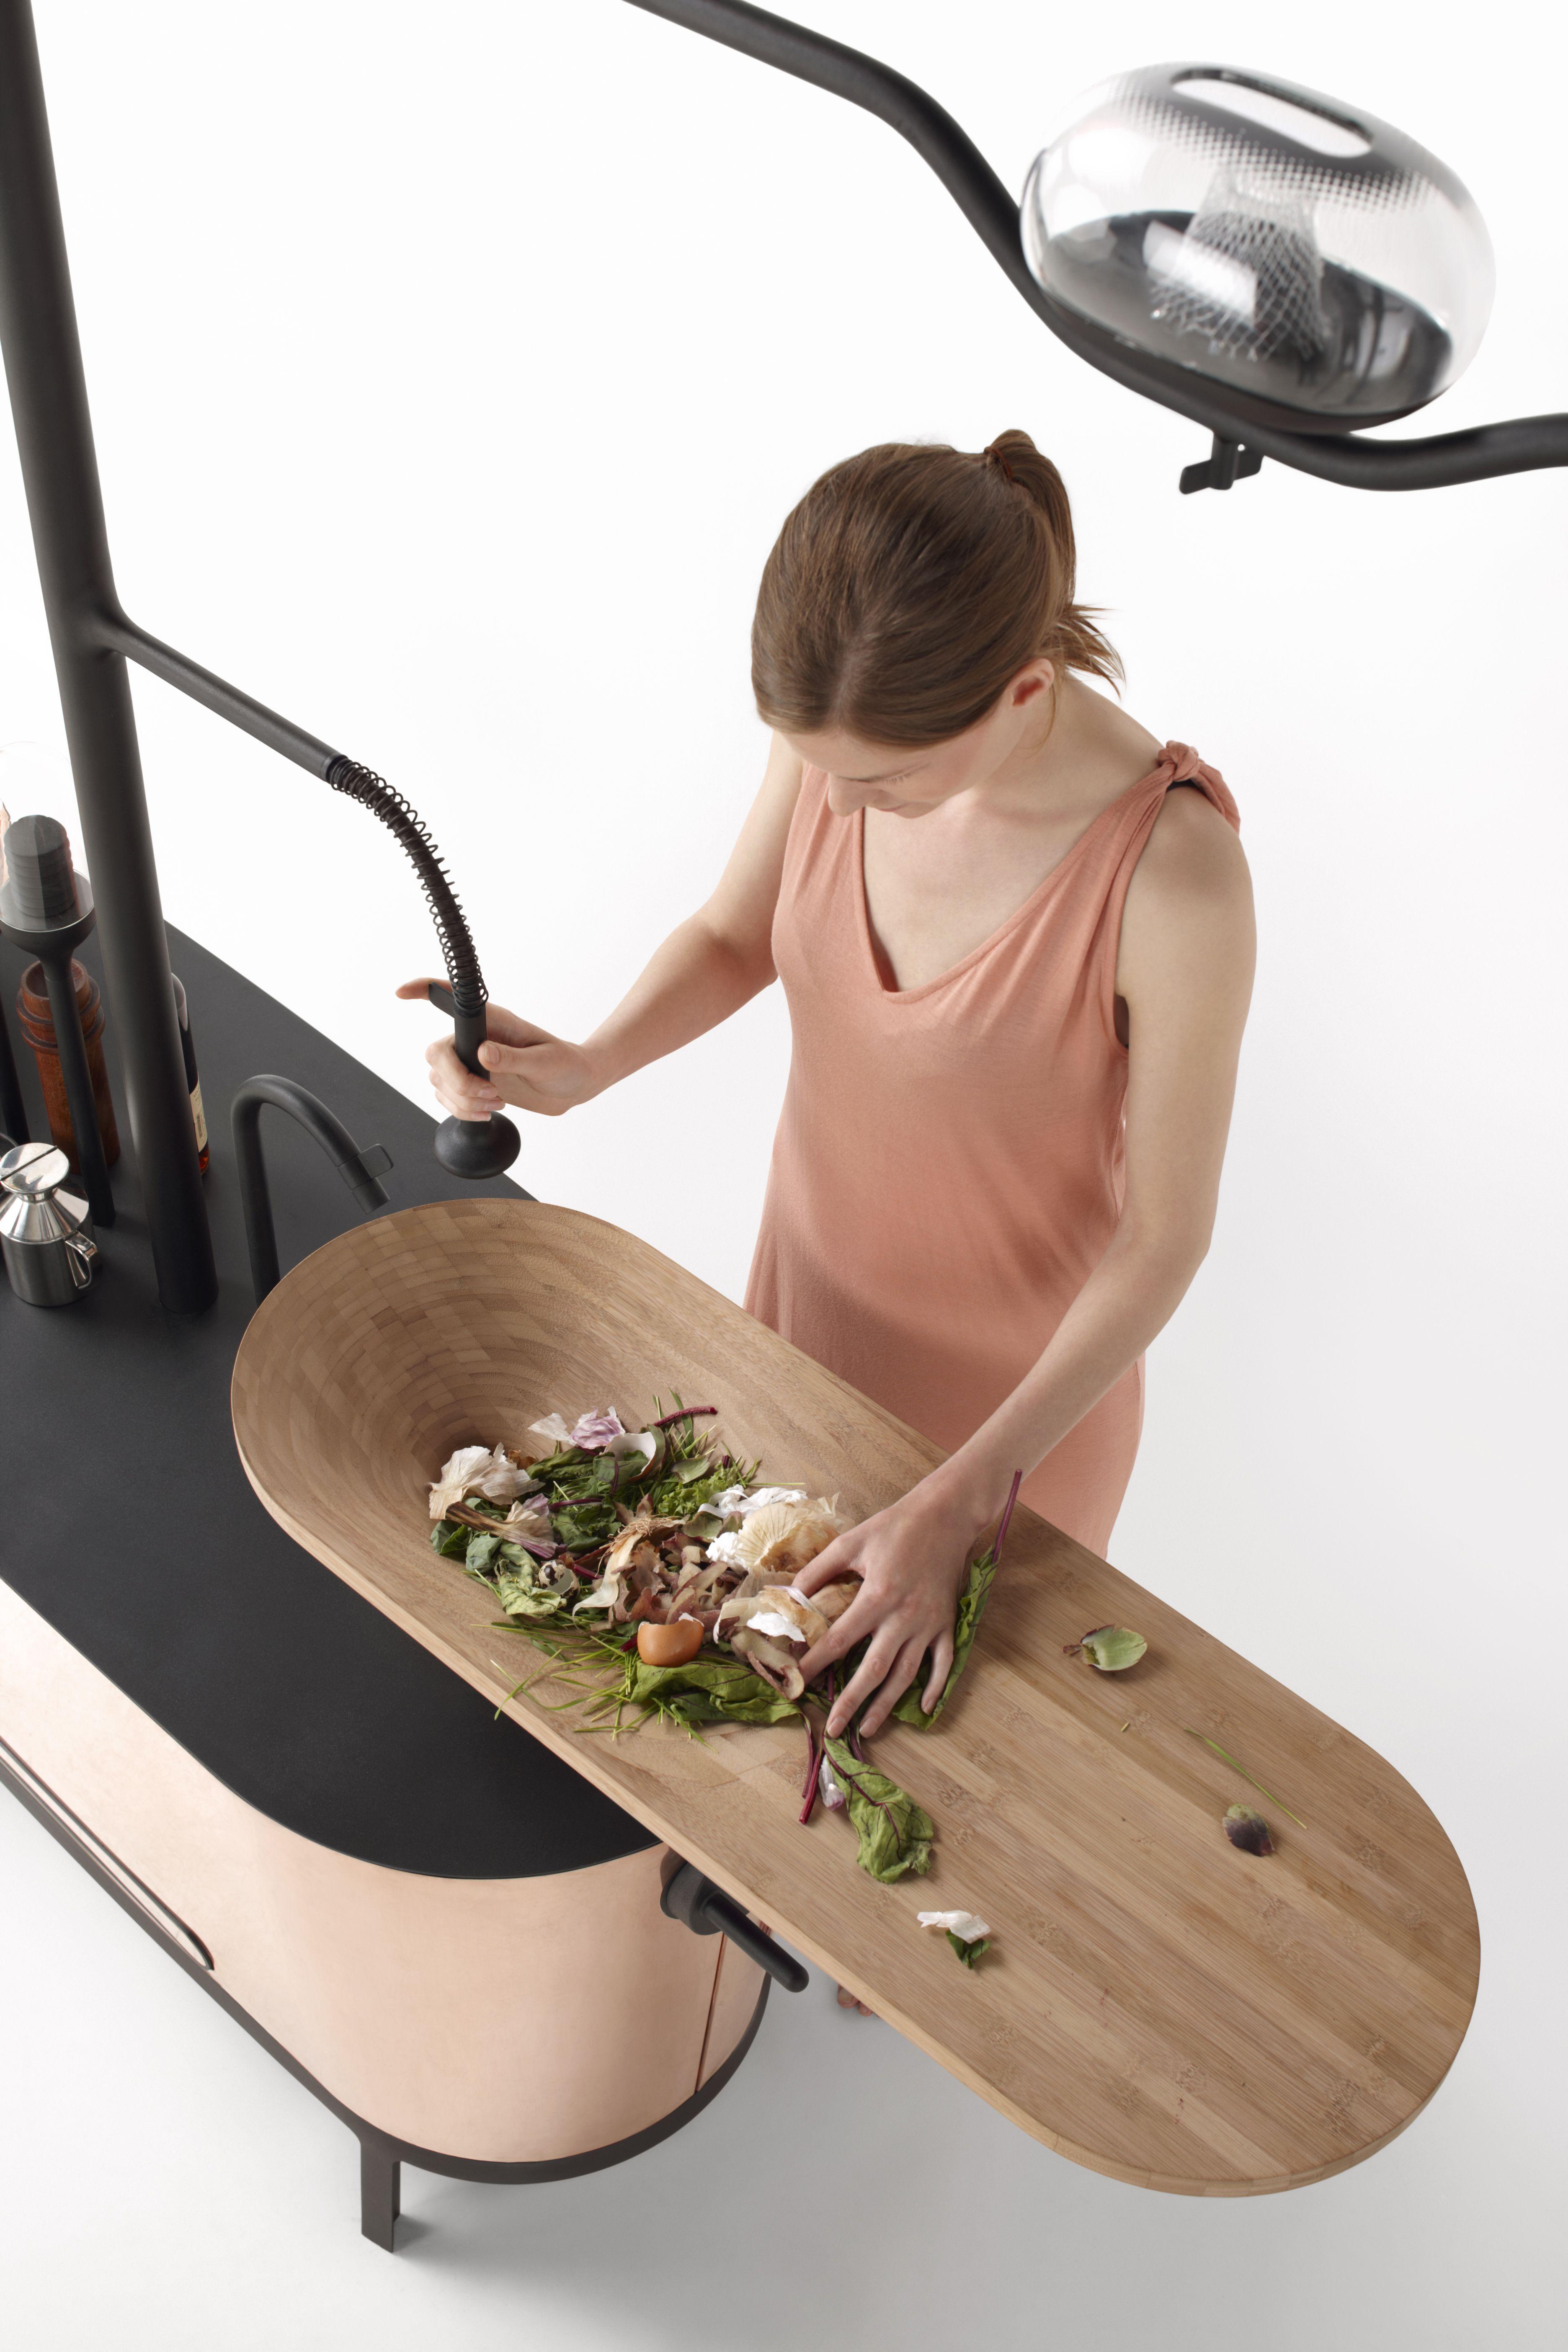 Evier Bois Ecolo Avec Planche A Decouper Cuisine Kitchen